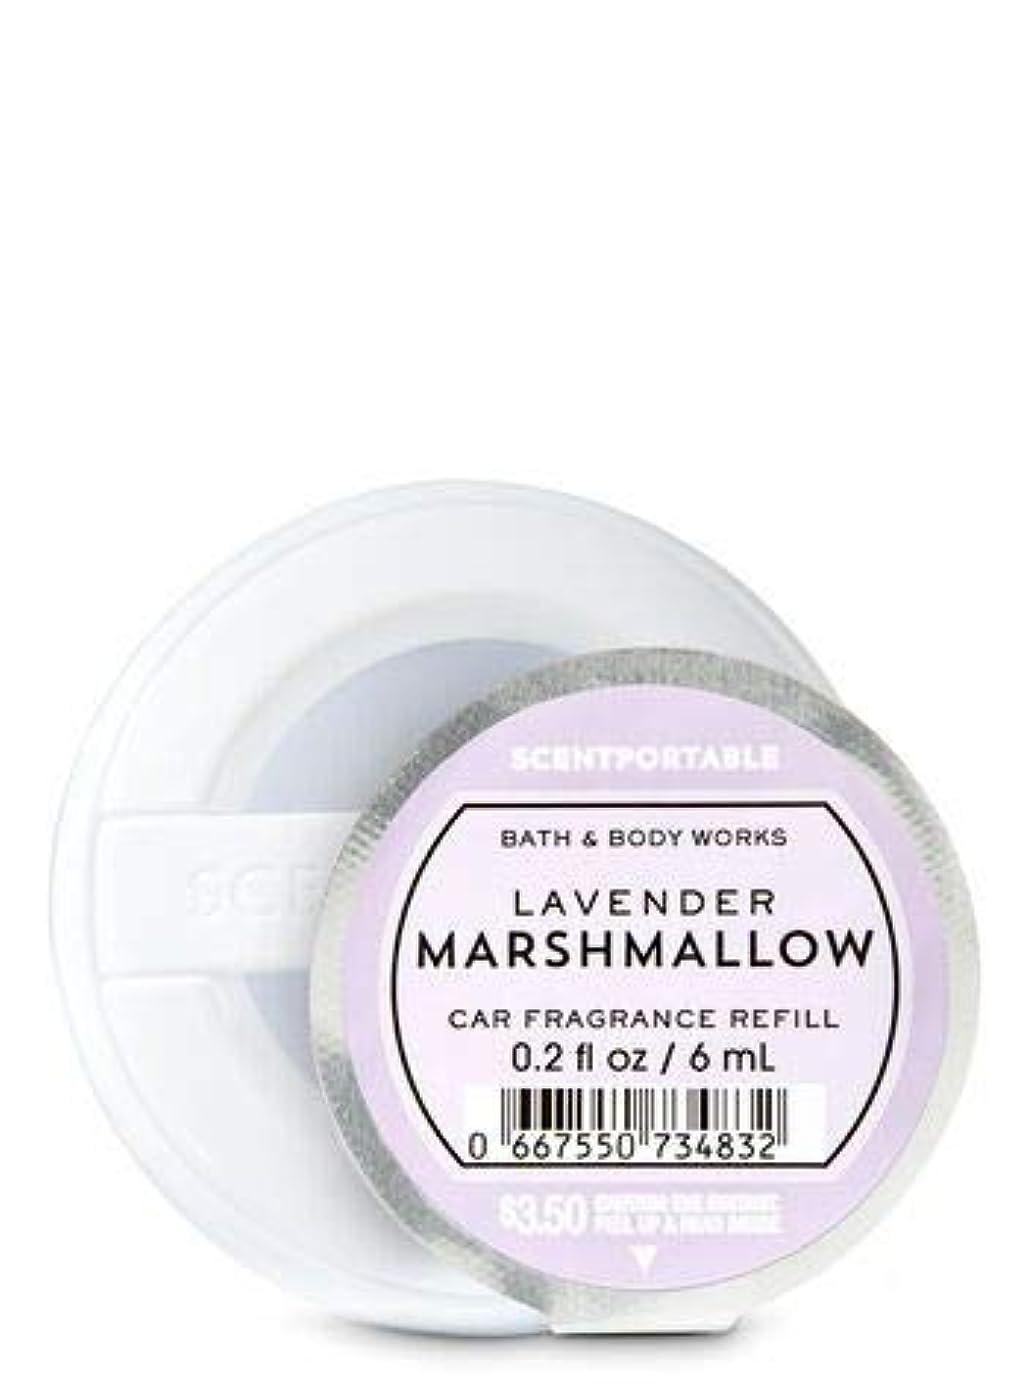 音楽を聴く額積分【Bath&Body Works/バス&ボディワークス】 クリップ式芳香剤 セントポータブル詰替えリフィル ラベンダーマシュマロ Scentportable Fragrance Refill Lavender Marshmallow [並行輸入品]